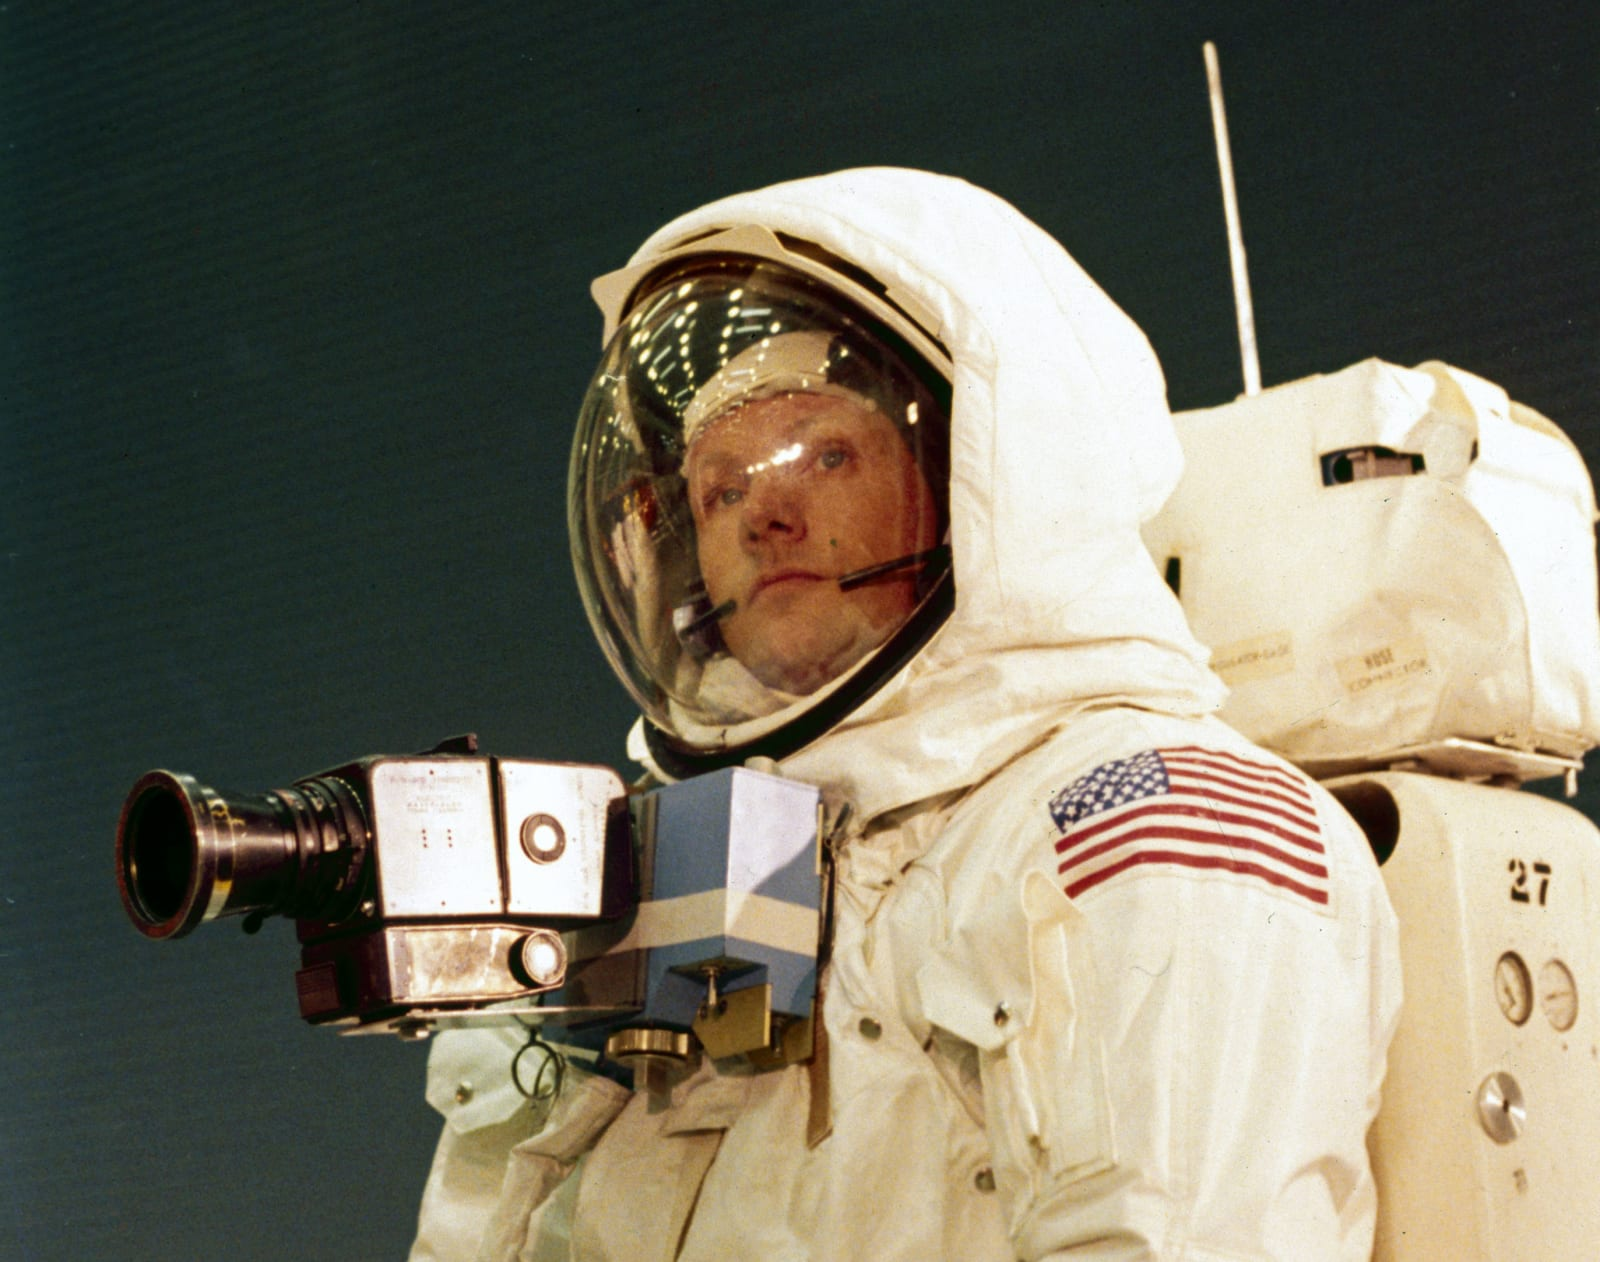 Apollo 11 astronaut Neil Armstrong, 1969.